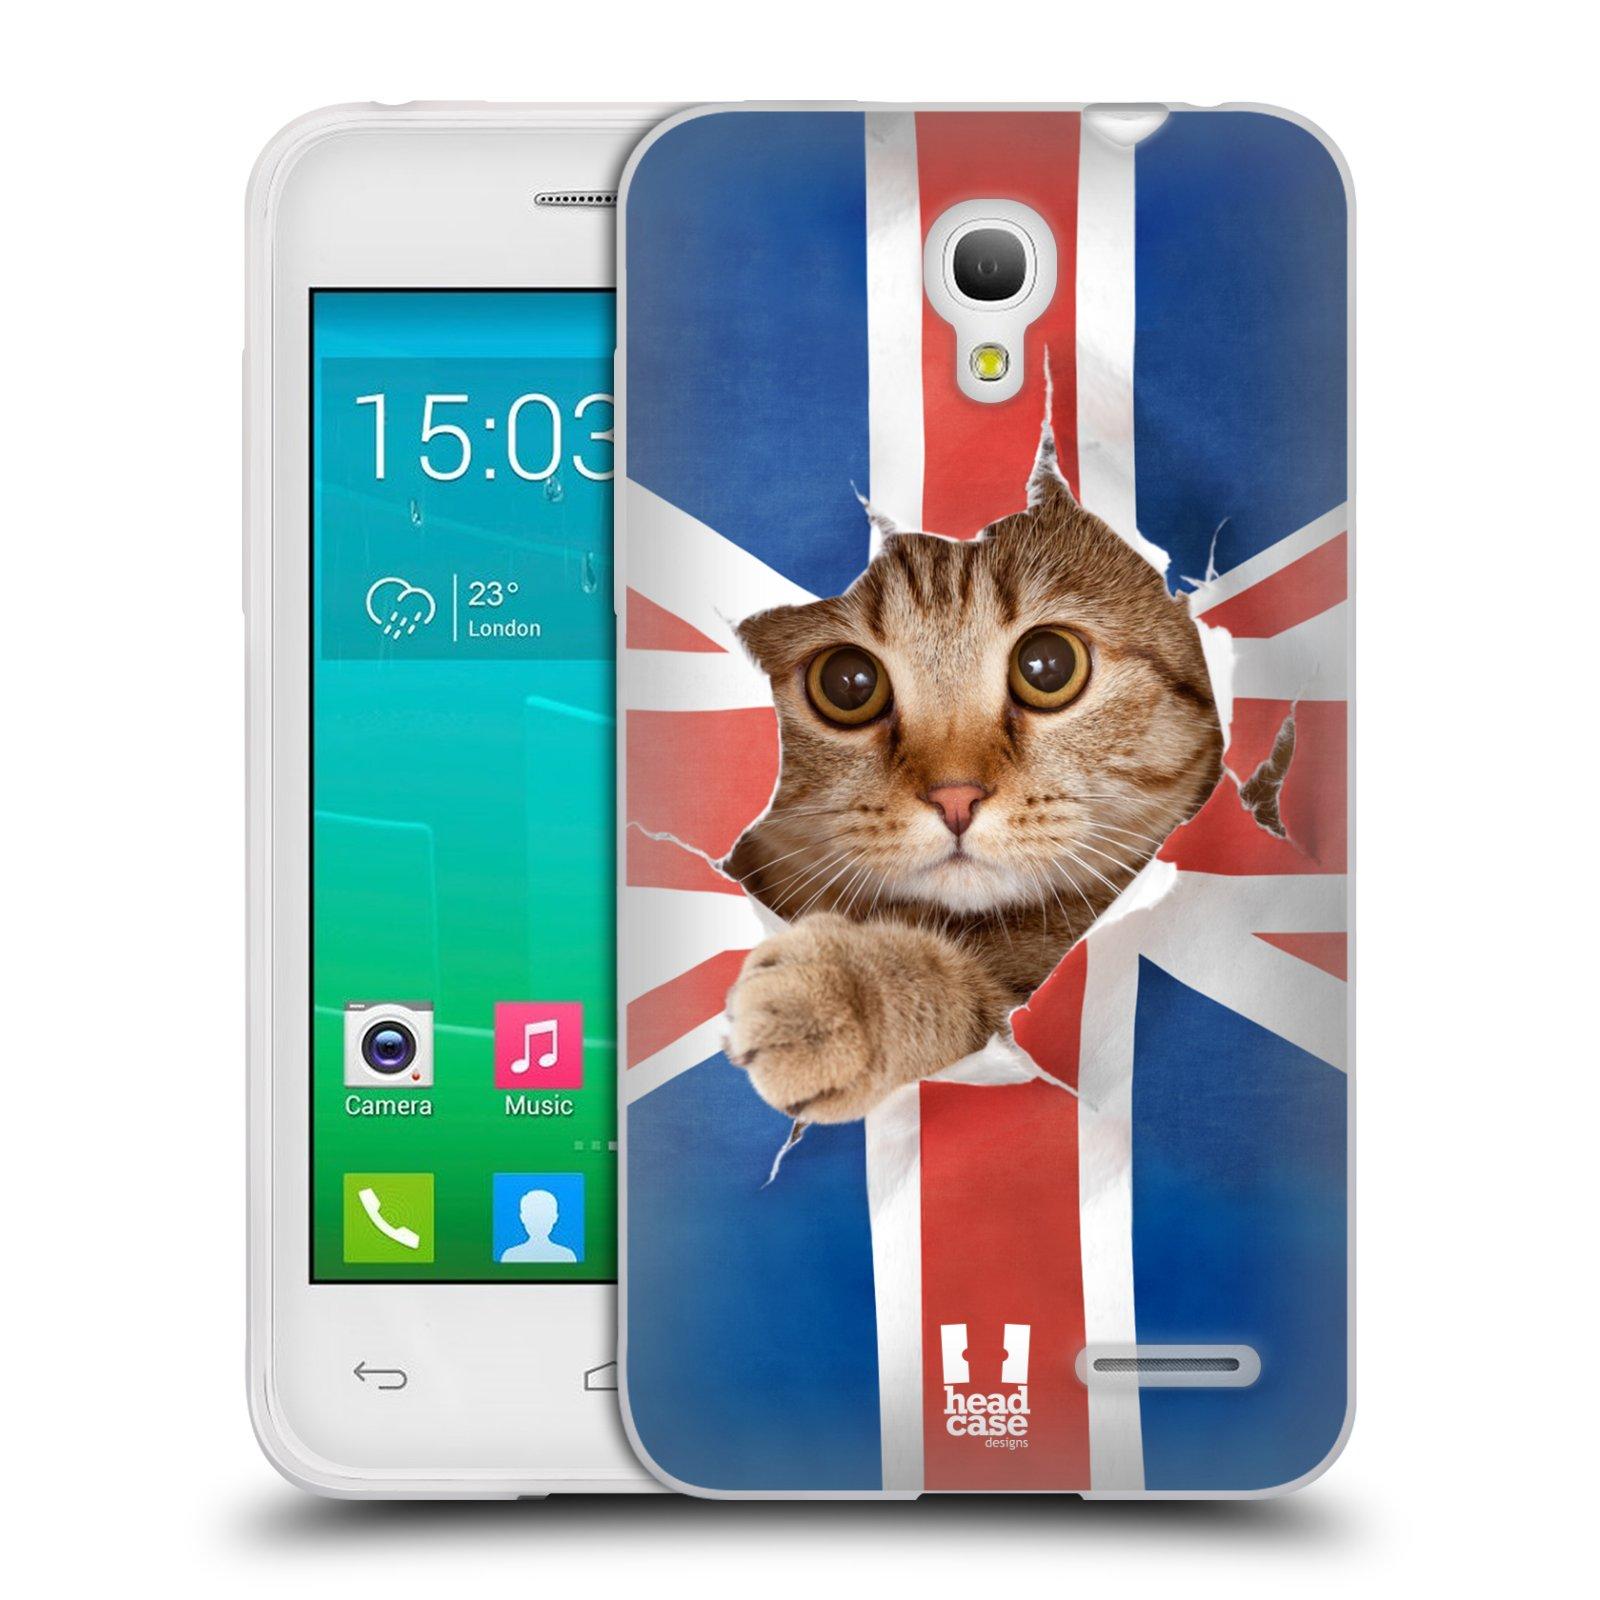 HEAD CASE silikonový obal na mobil Alcatel POP S3 OT-5050Y vzor Legrační zvířátka kočička a Velká Británie vlajka